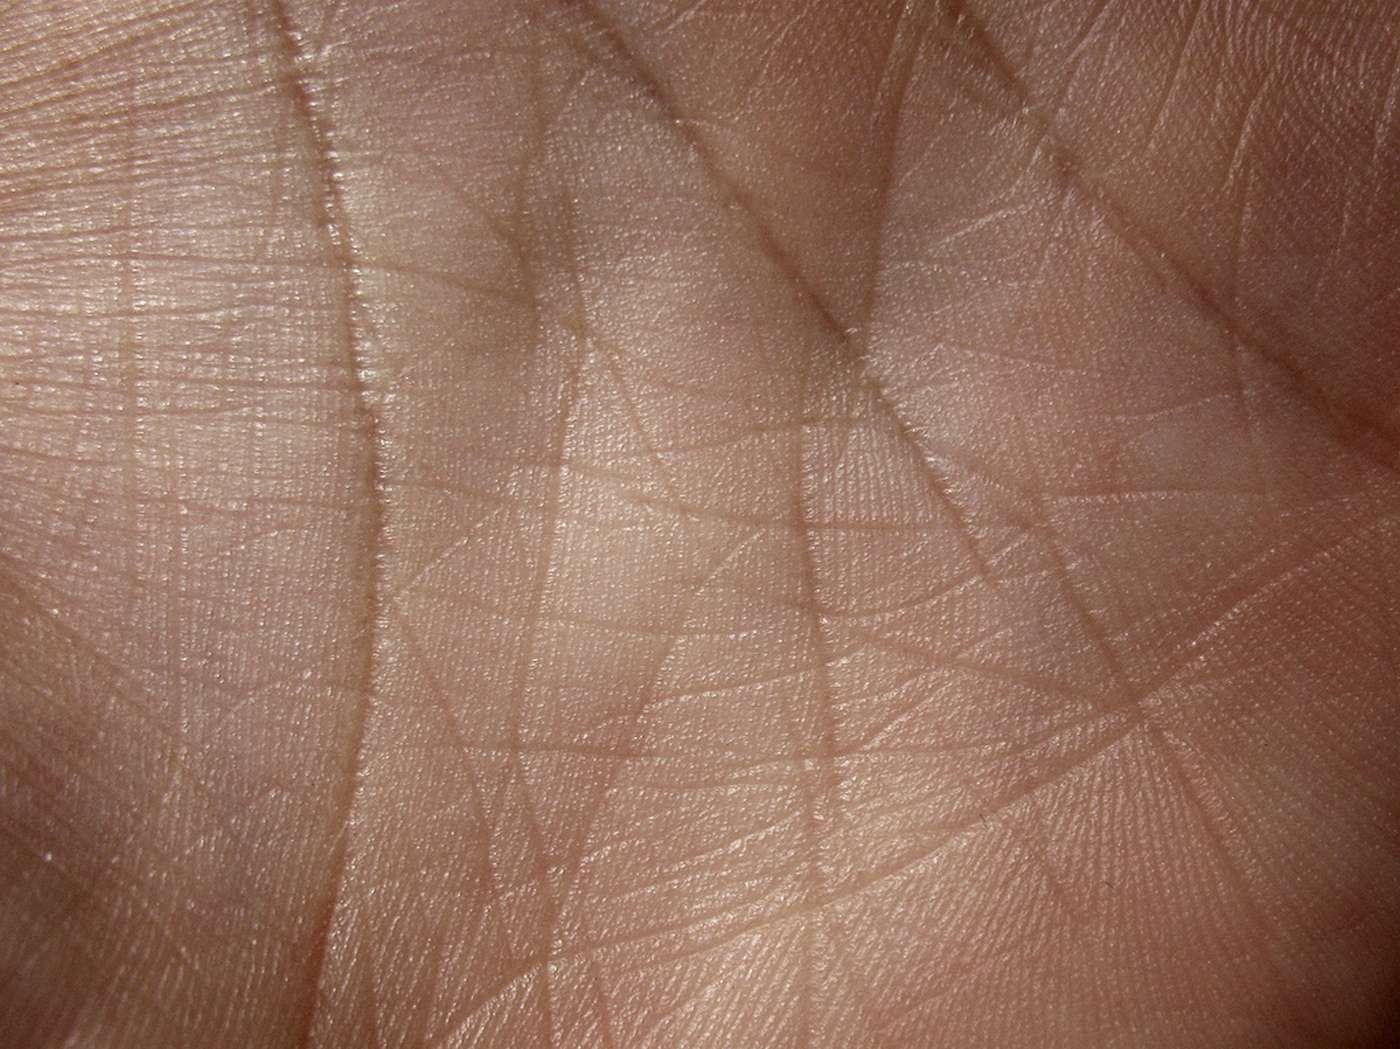 Une peau artificielle arrivera-t-elle un jour à imiter la peau humaine ? Le chemin est encore long mais des avancées importantes ont eu lieu. © Caleb Kimbrough, Flickr, CC by 2.0